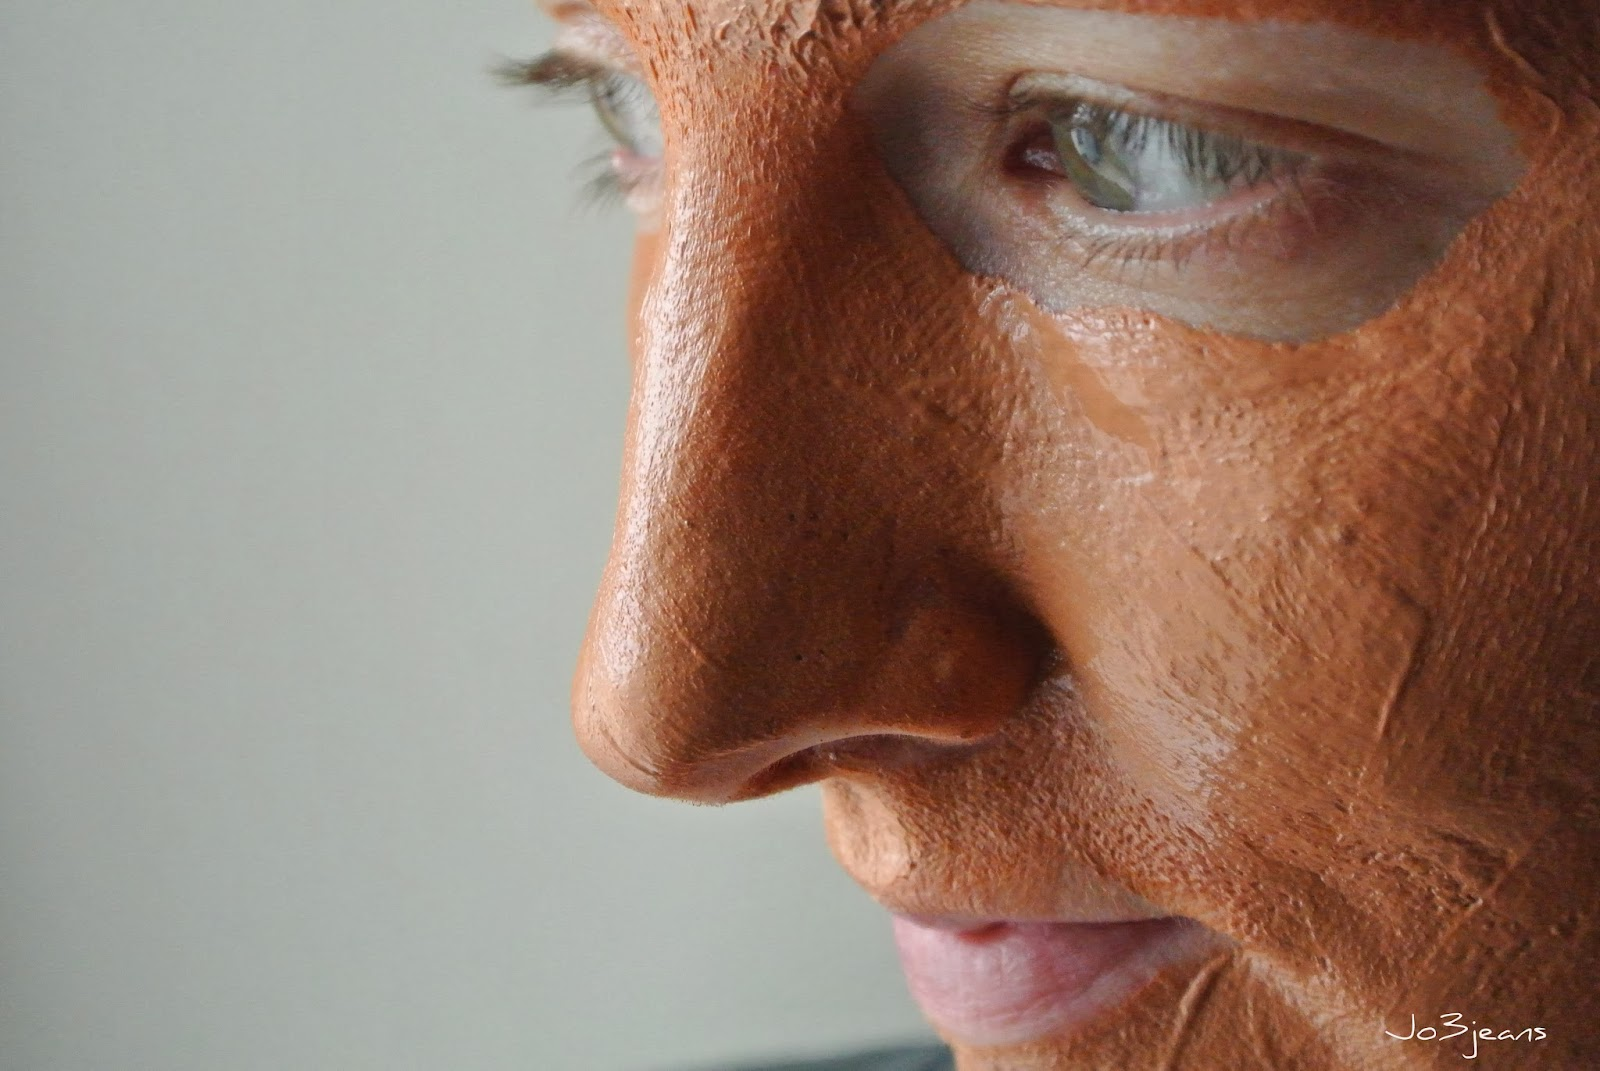 jo3jeans le masque visage purifiant certifi bio lovea qui m 39 a br l. Black Bedroom Furniture Sets. Home Design Ideas